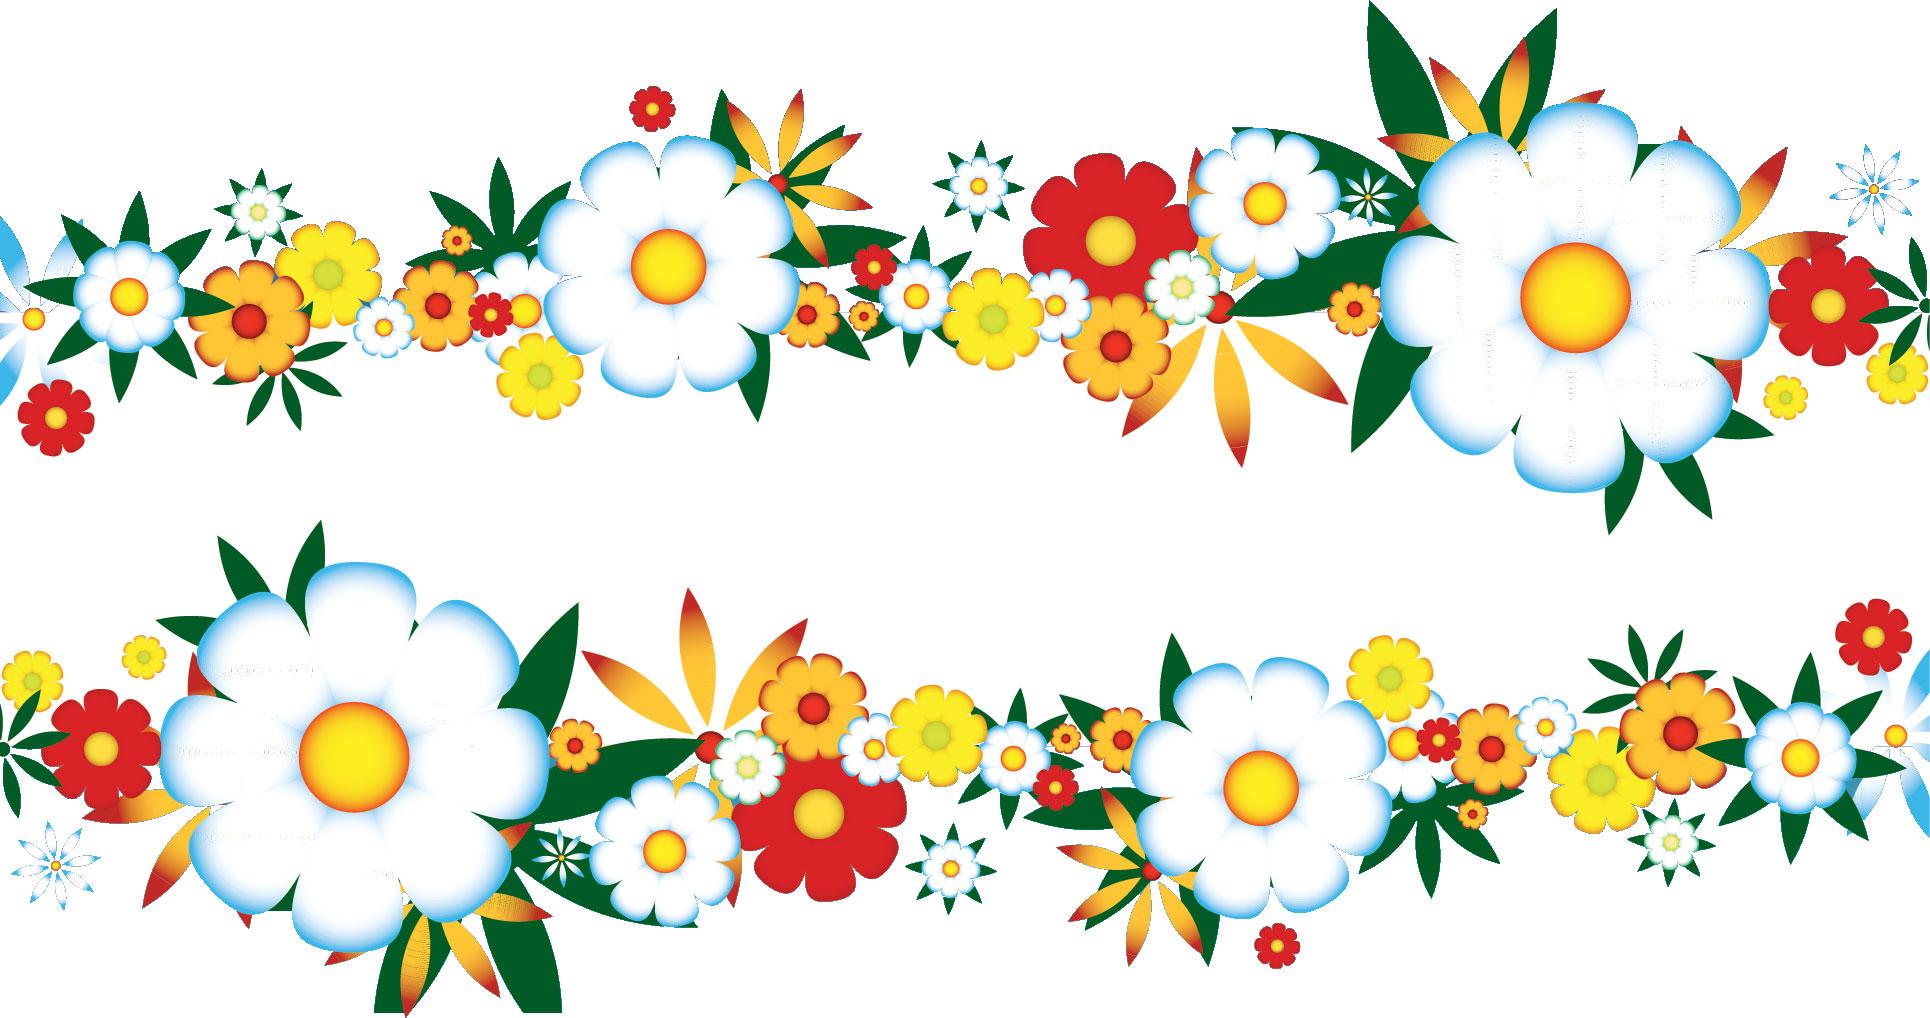 ポップでかわいい花のイラスト・フリー素材/No.966『カラフル